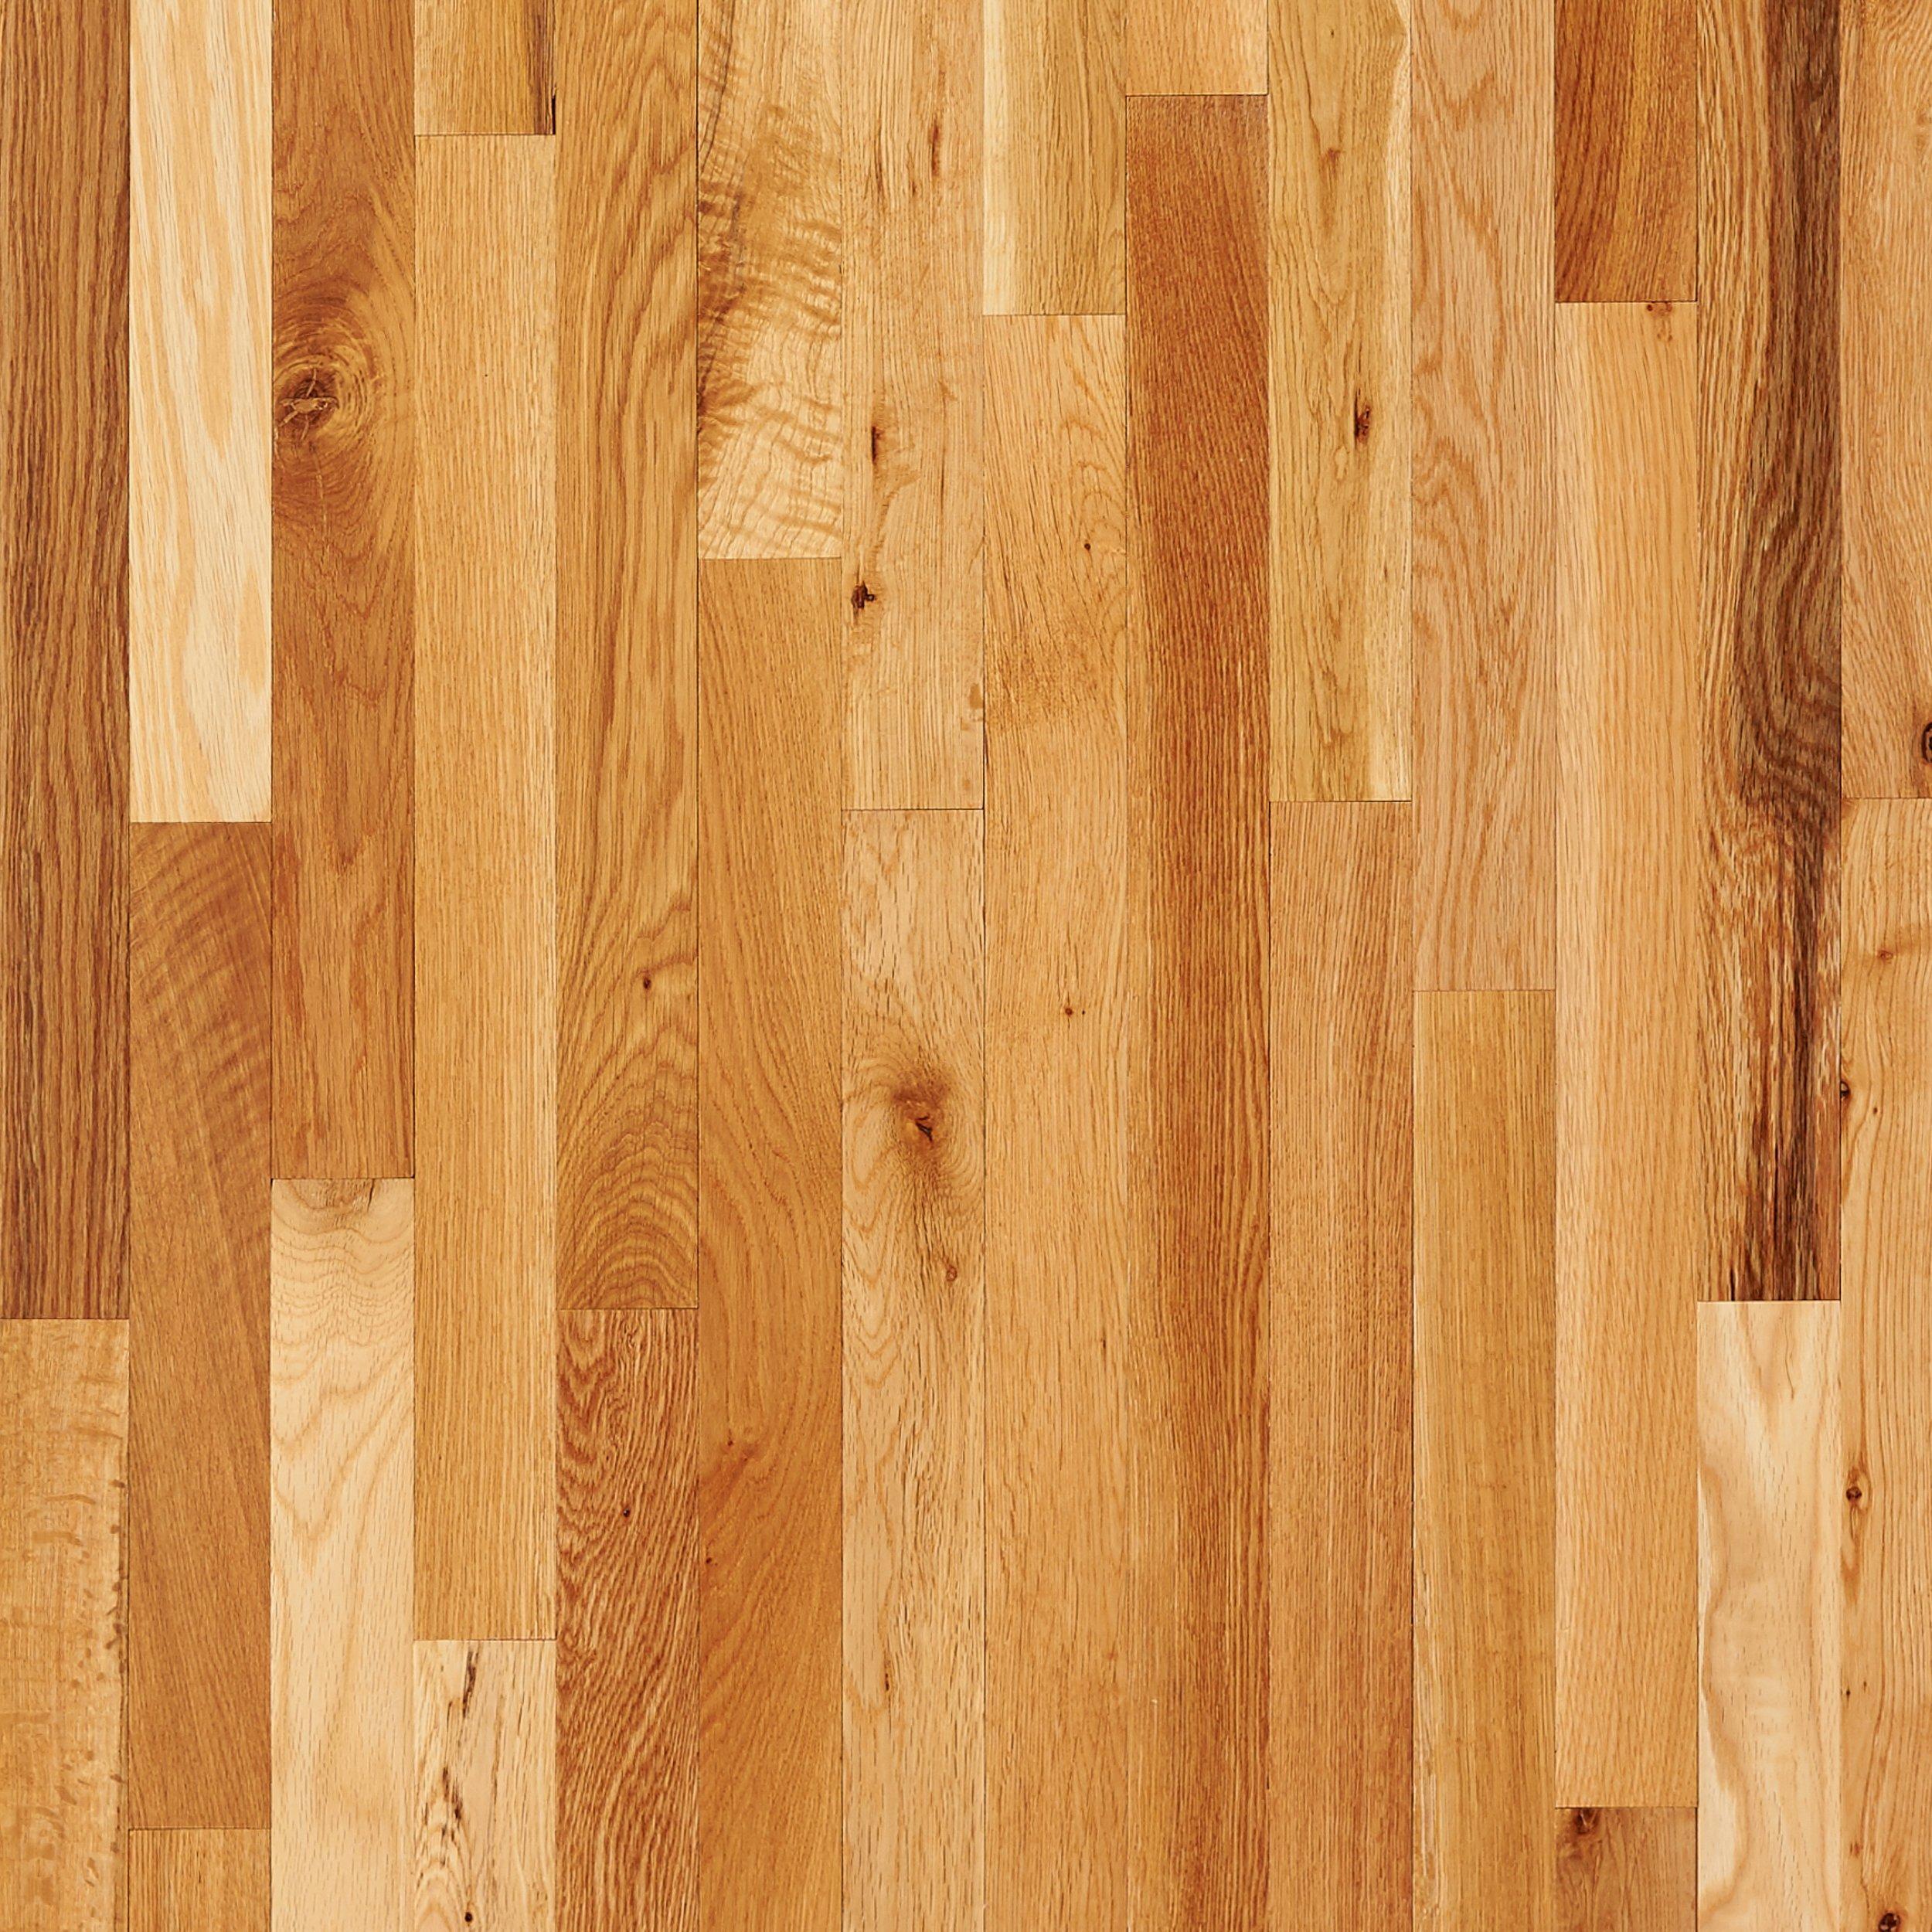 hardwood flooring natural oak smooth solid hardwood FGWJYFW